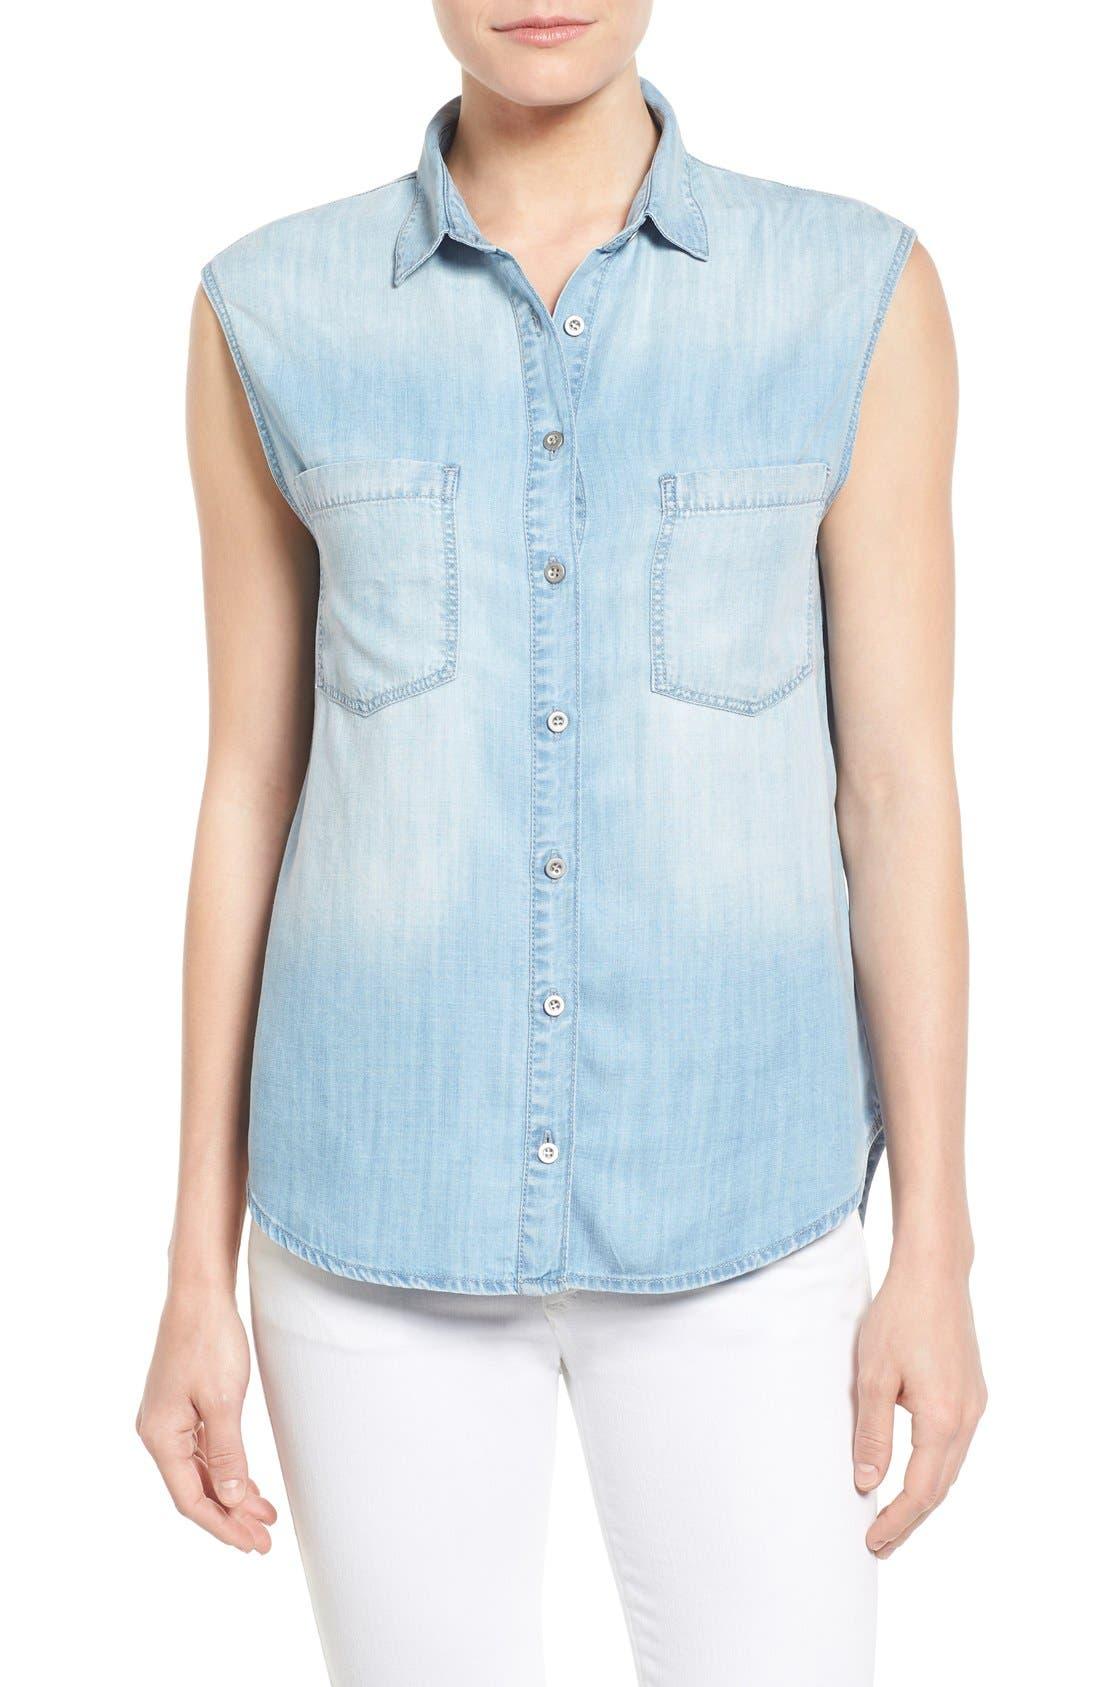 MAVI JEANS High/Low Lightweight Denim Shirt